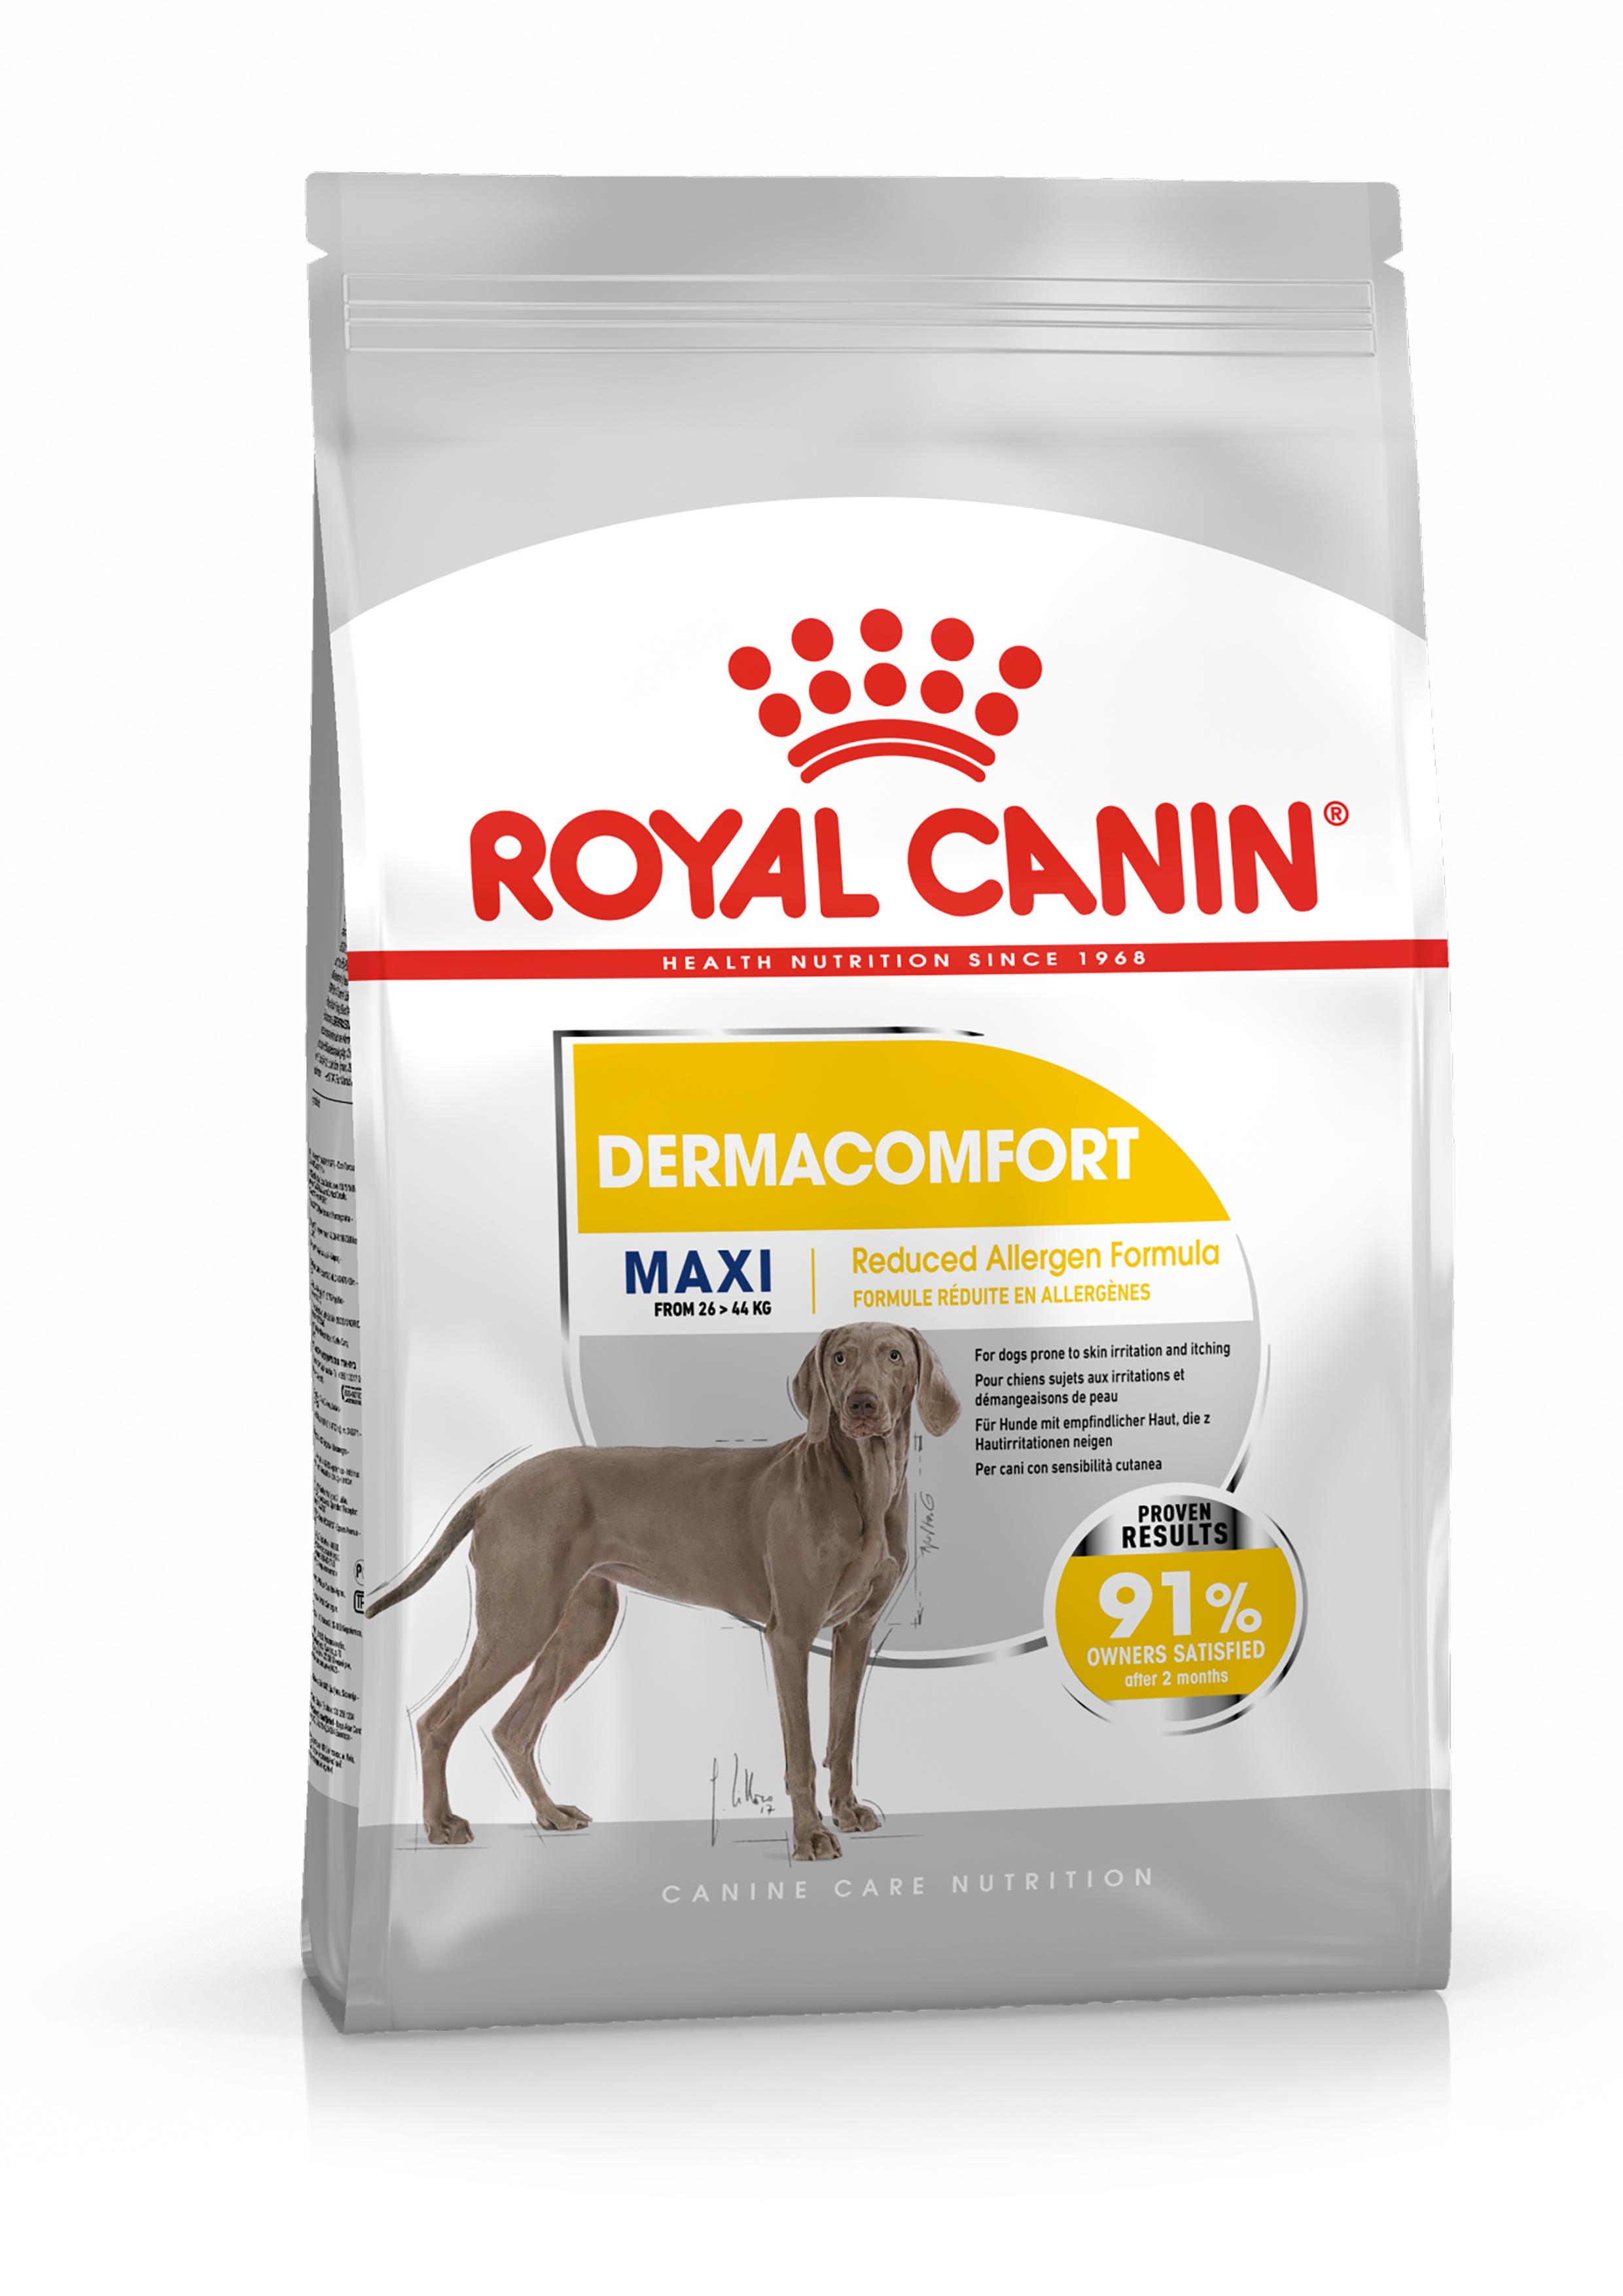 Afbeelding Royal Canin Maxi Dermacomfort hondenvoer 3 kg door Brekz.nl